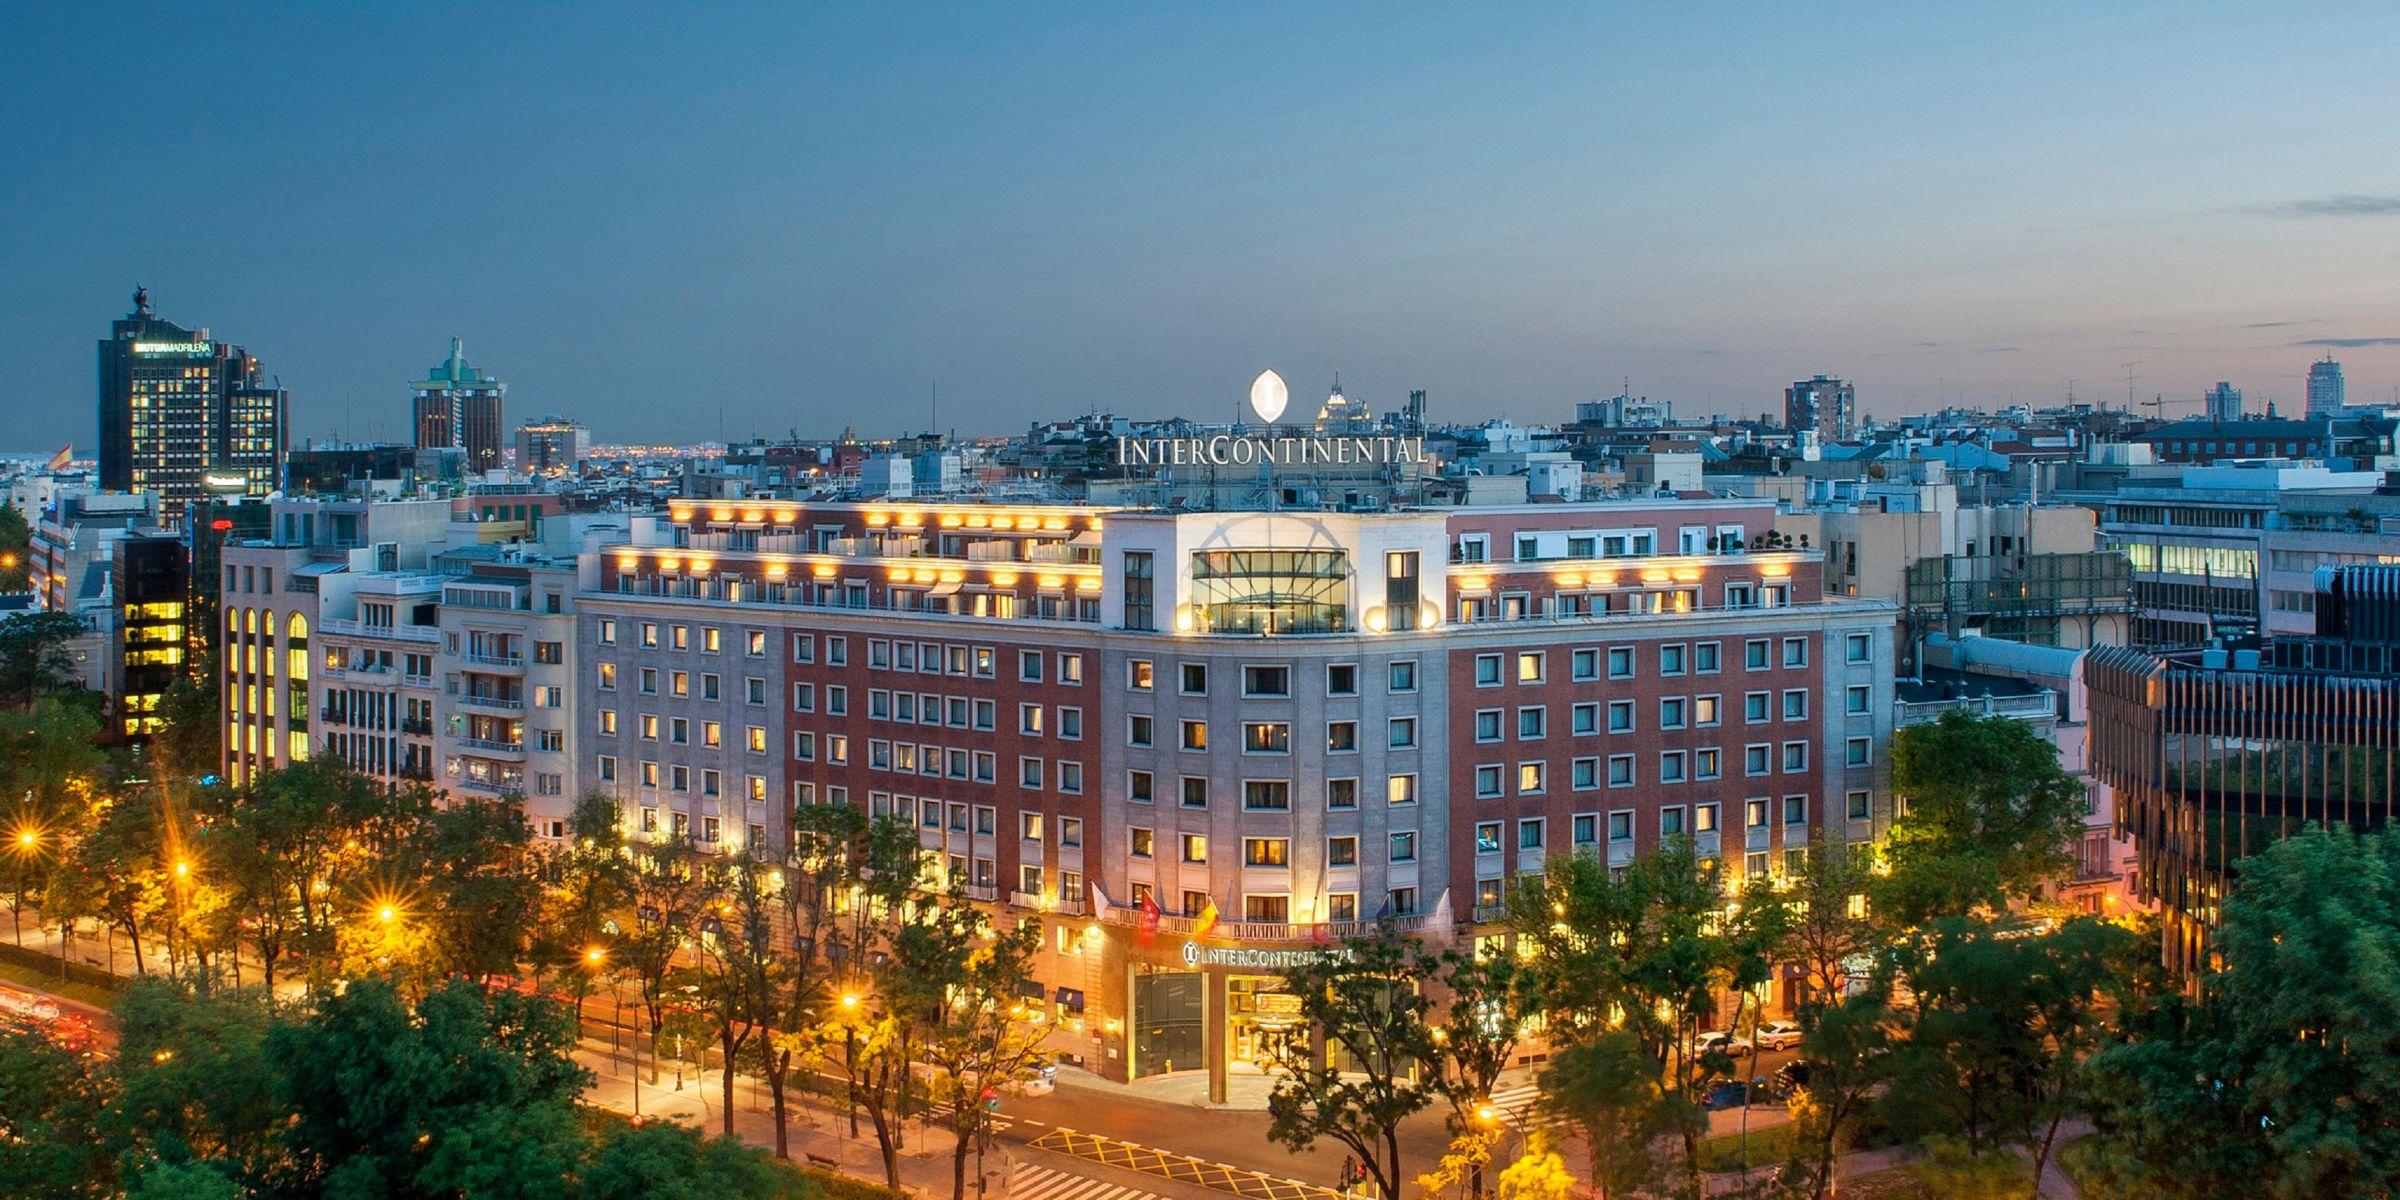 Hotel Intercontiental